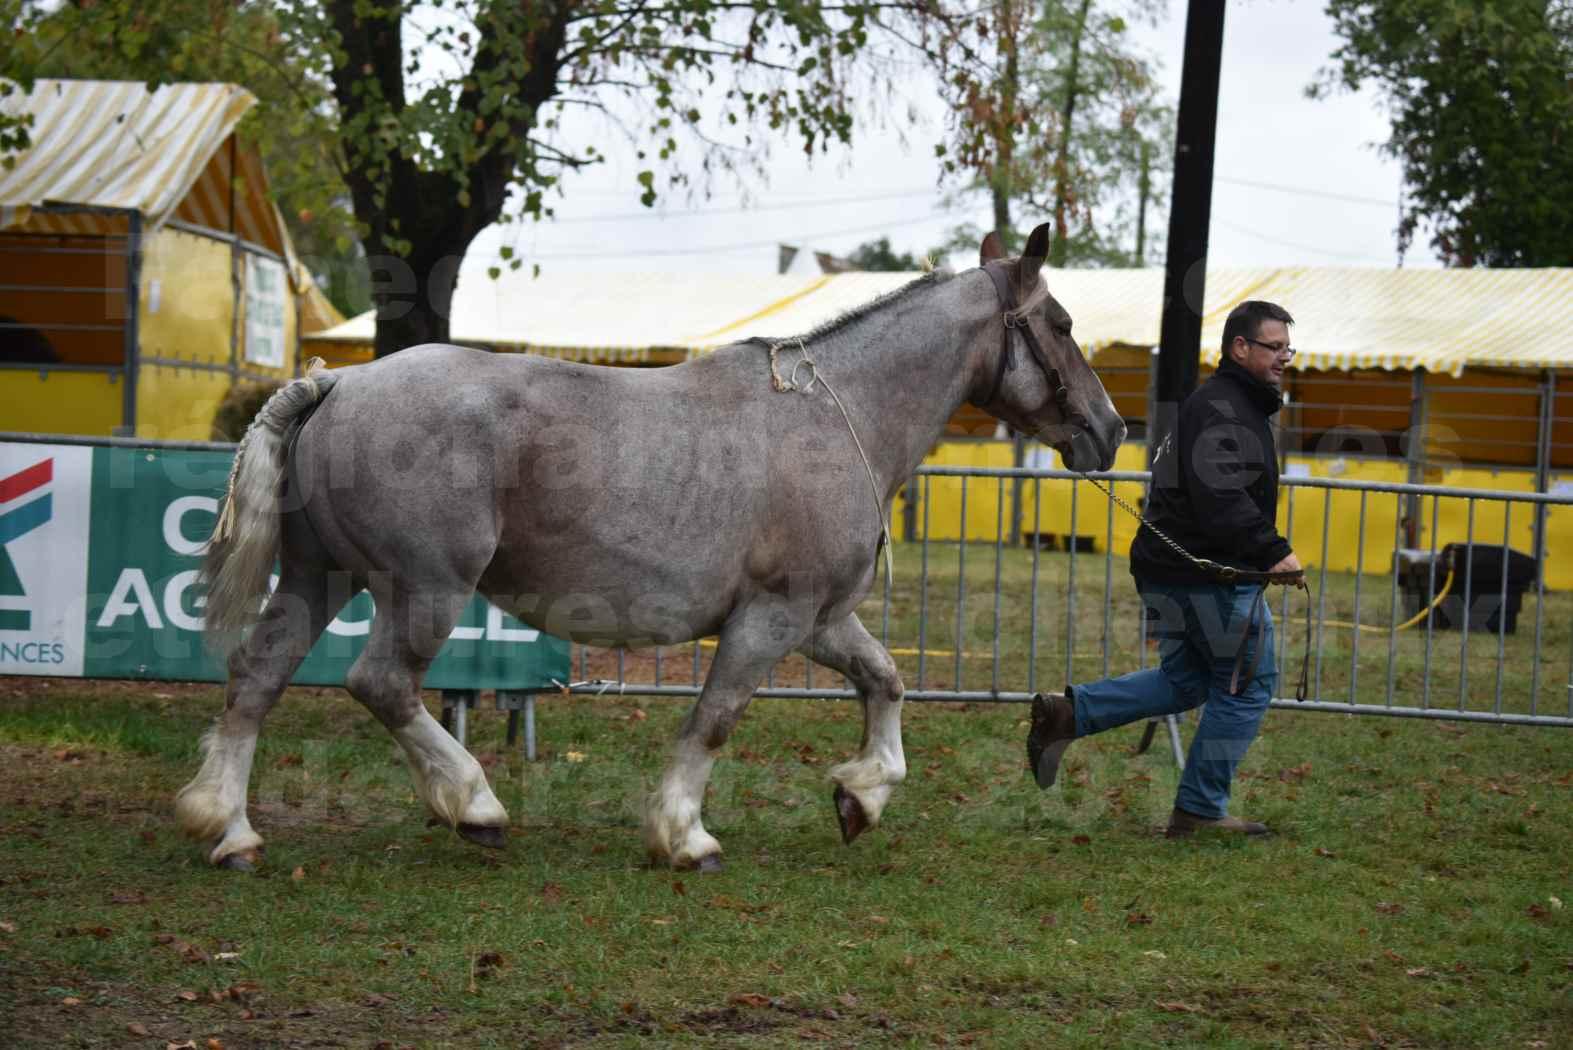 Concours Régional de chevaux de traits en 2017 - Jument & Poulain Trait BRETON - BELLE DOUS MOULIS - 10